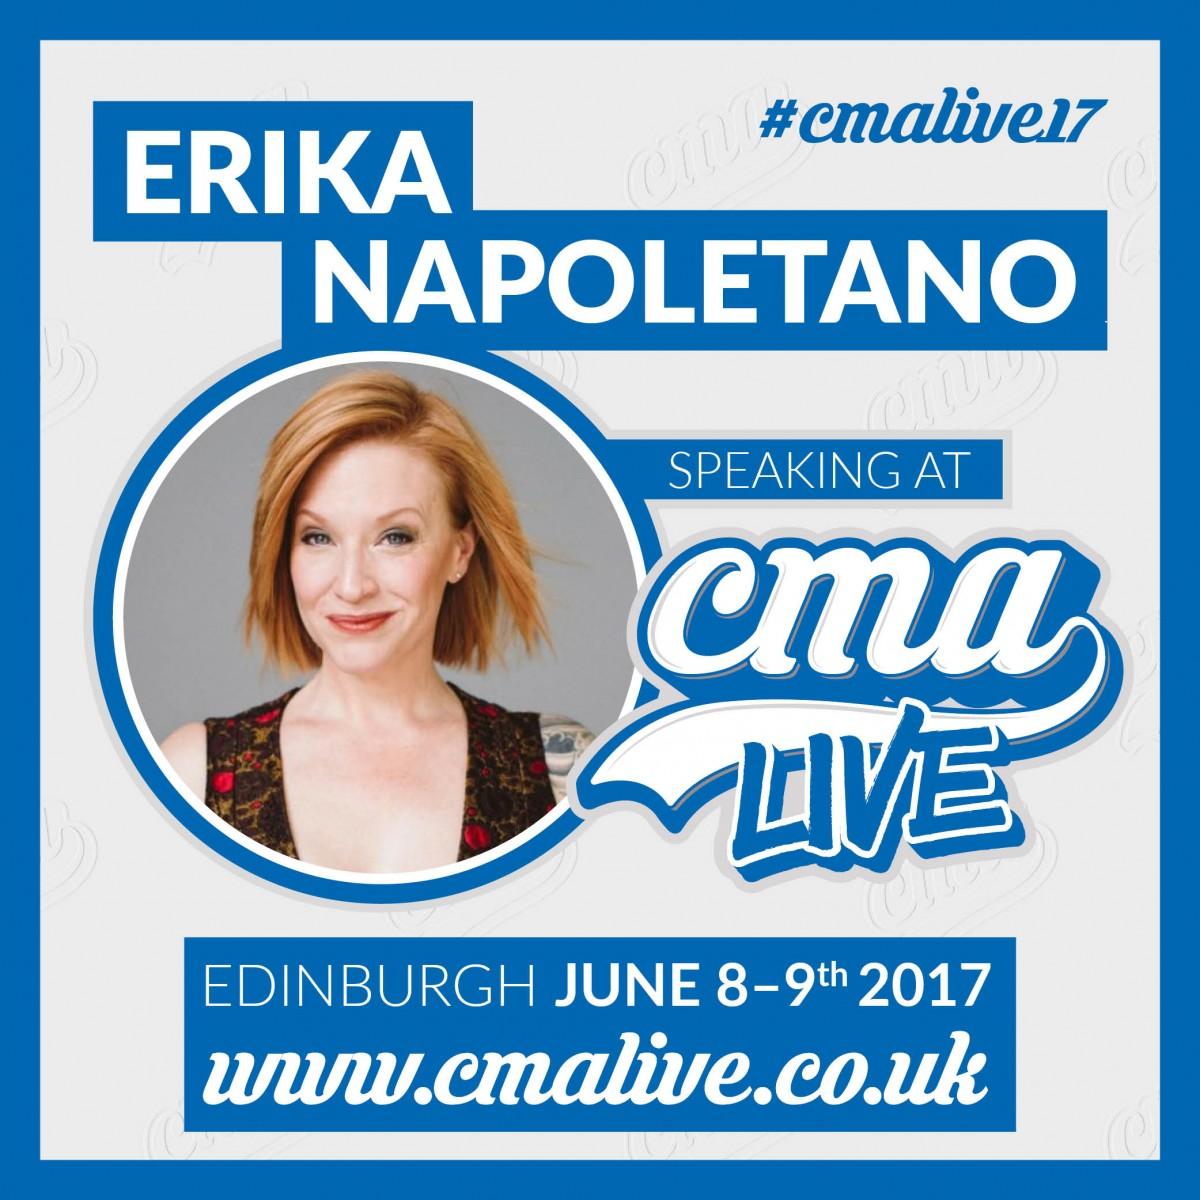 ERika Napoletano CMA Live 2017